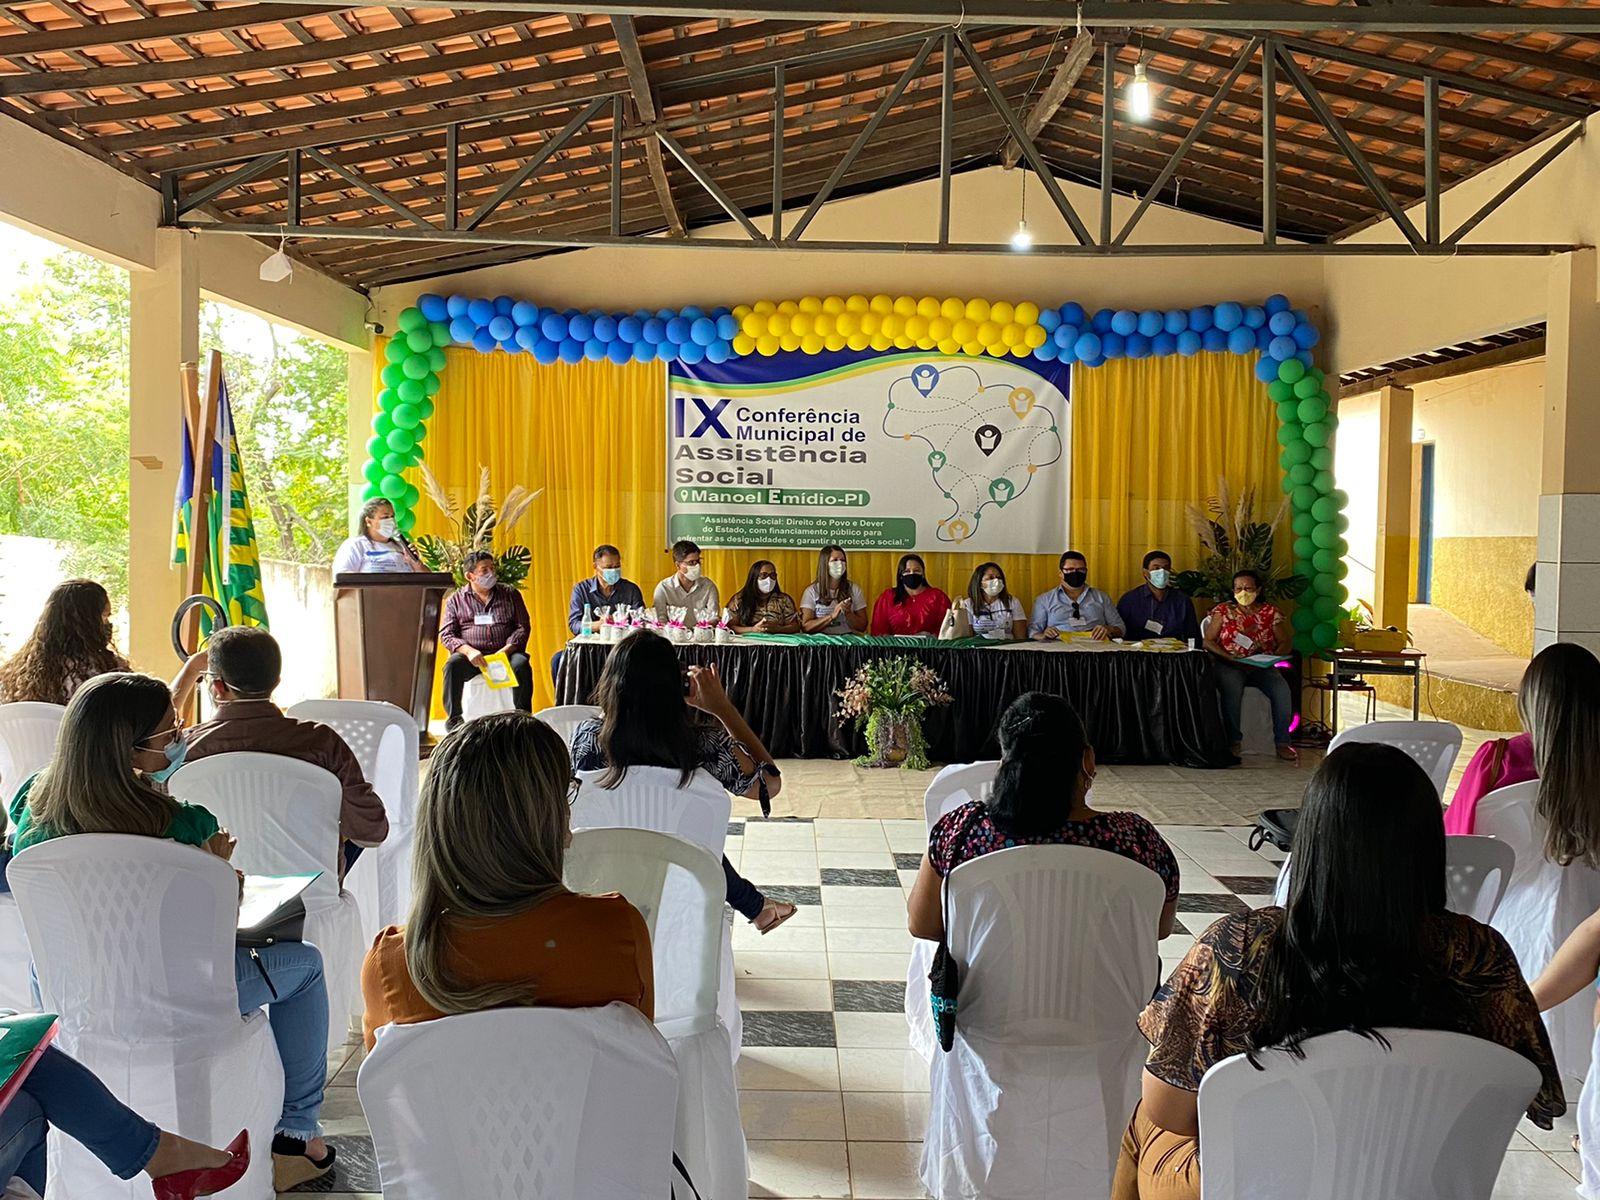 SEMAS realiza 9ª edição da Conferência Municipal de Assistência Social - Imagem 1